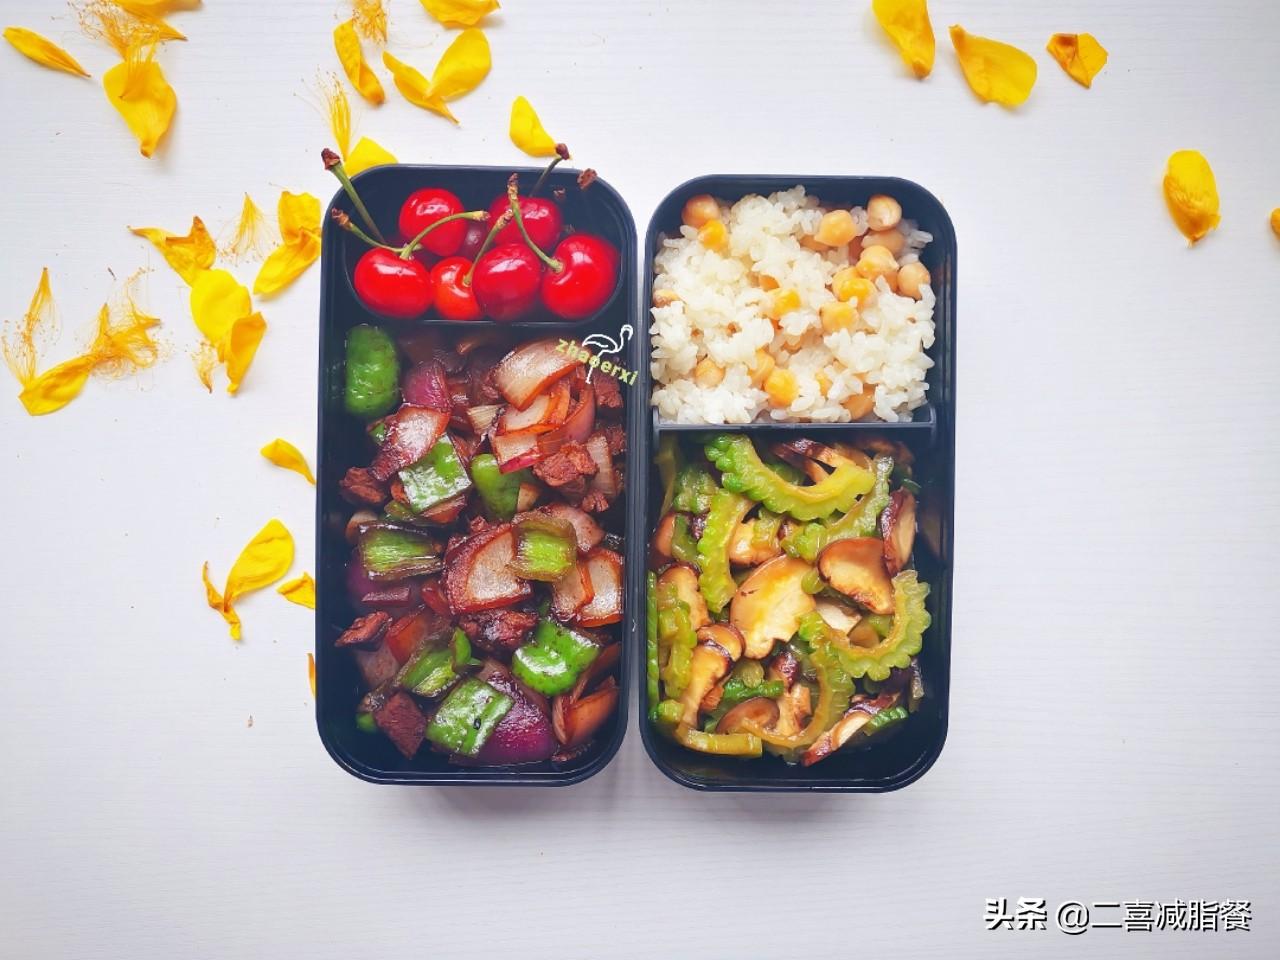 营养师3周的午餐食谱,营养均衡,荤素搭配 营养配餐 第5张